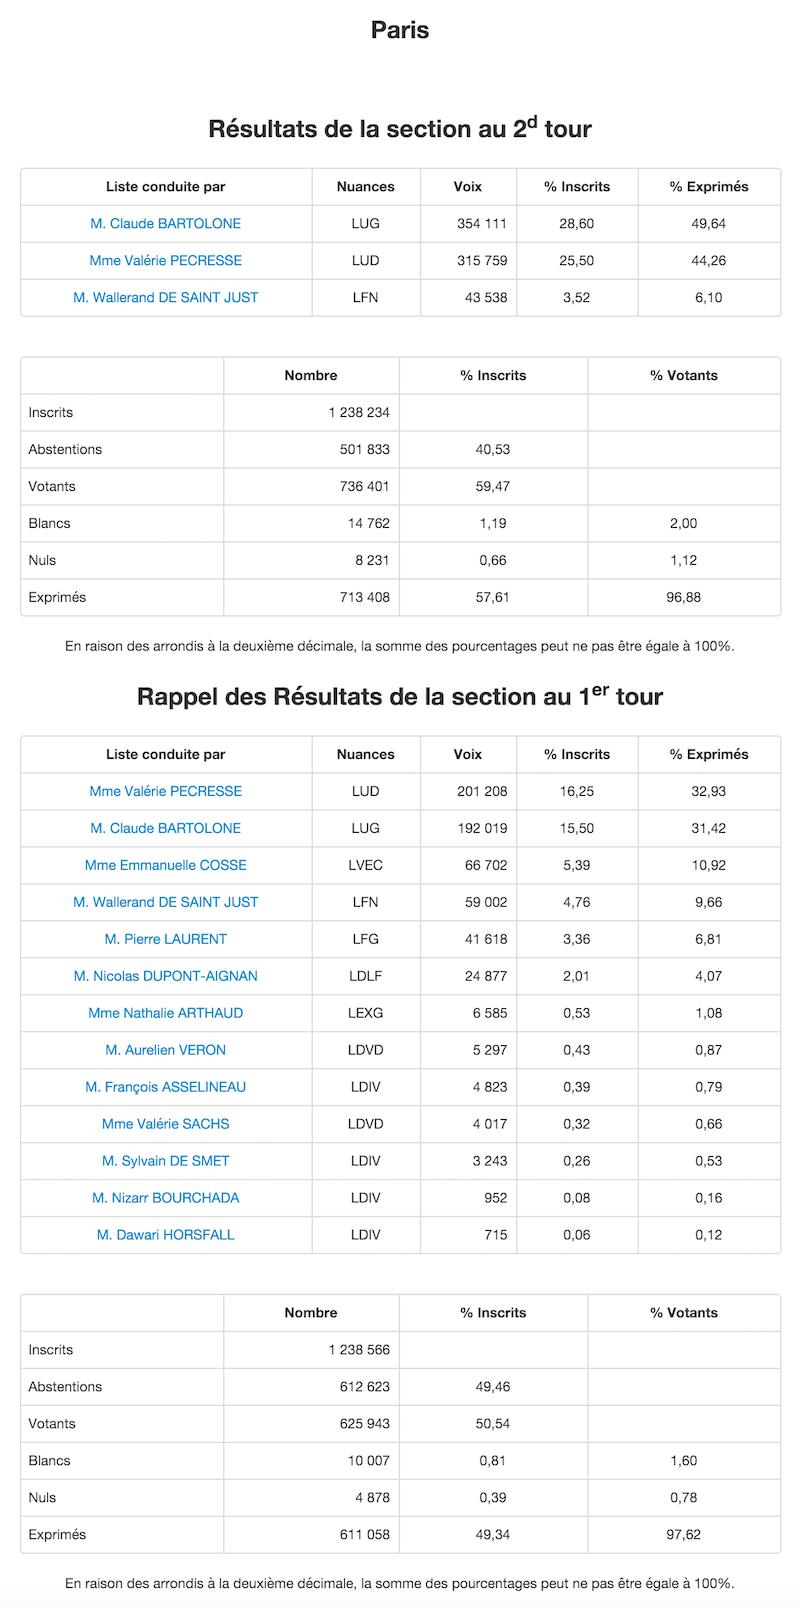 Régionales 2015 et 2010 dans le 20e arrondissement de Paris